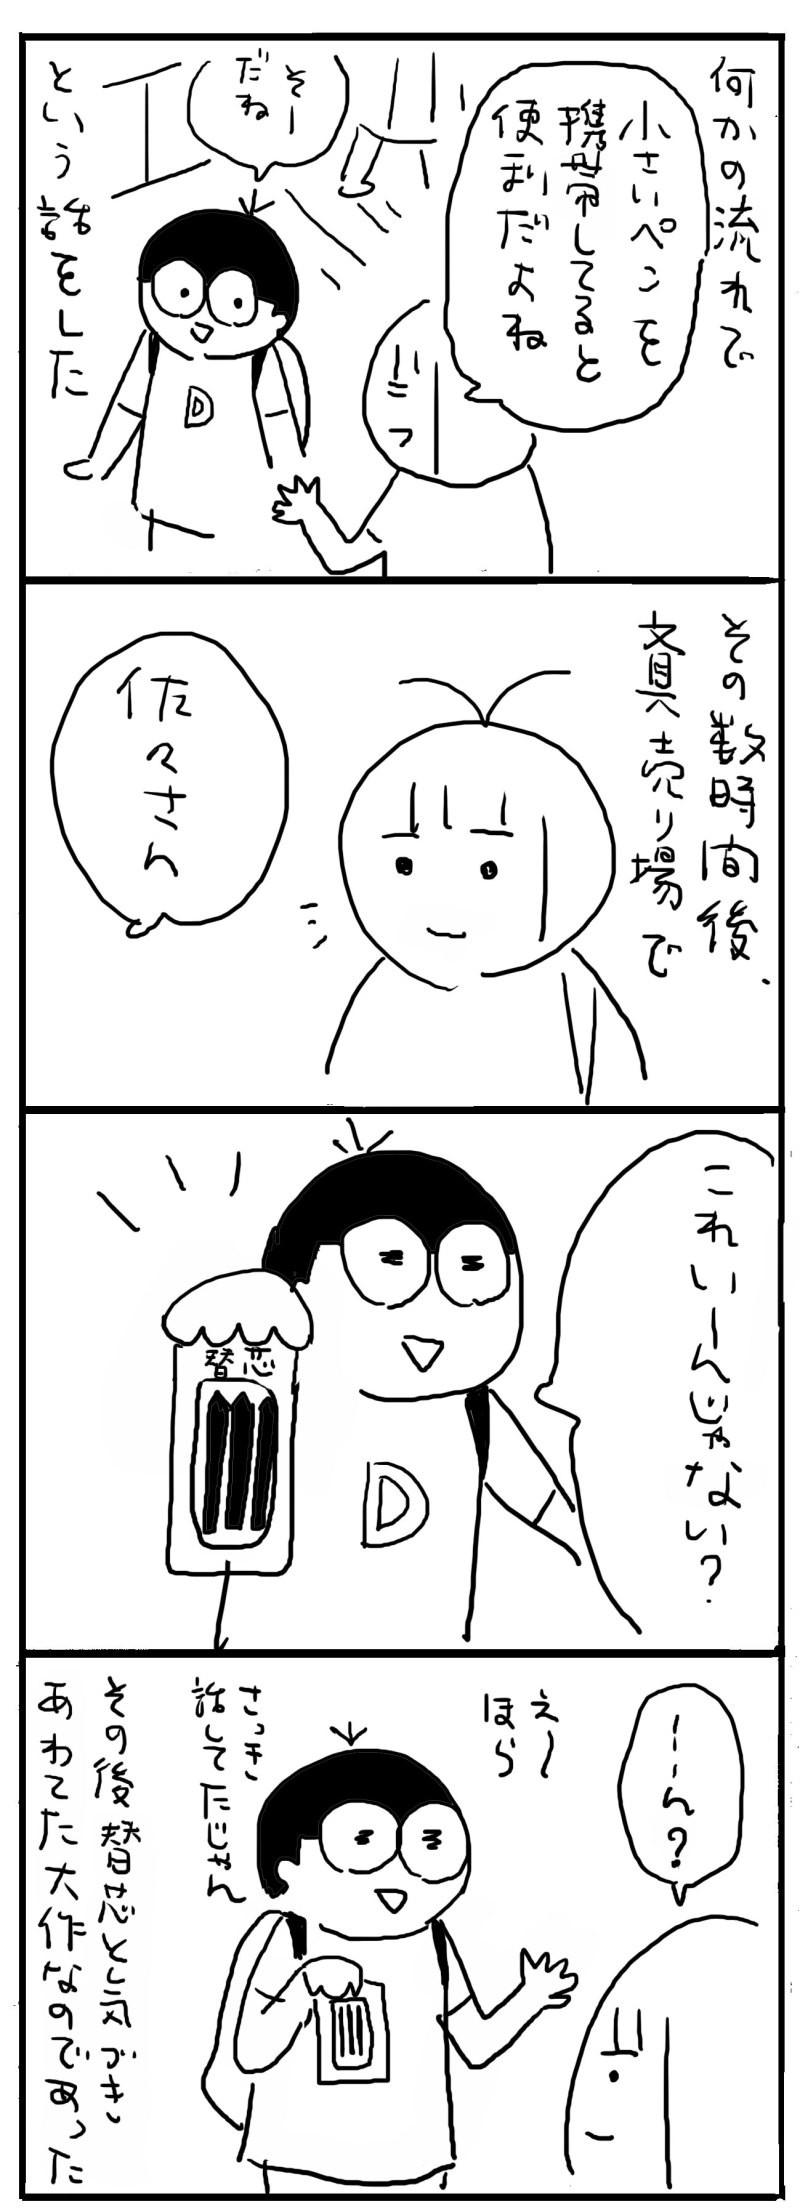 17b3fd4f.jpg